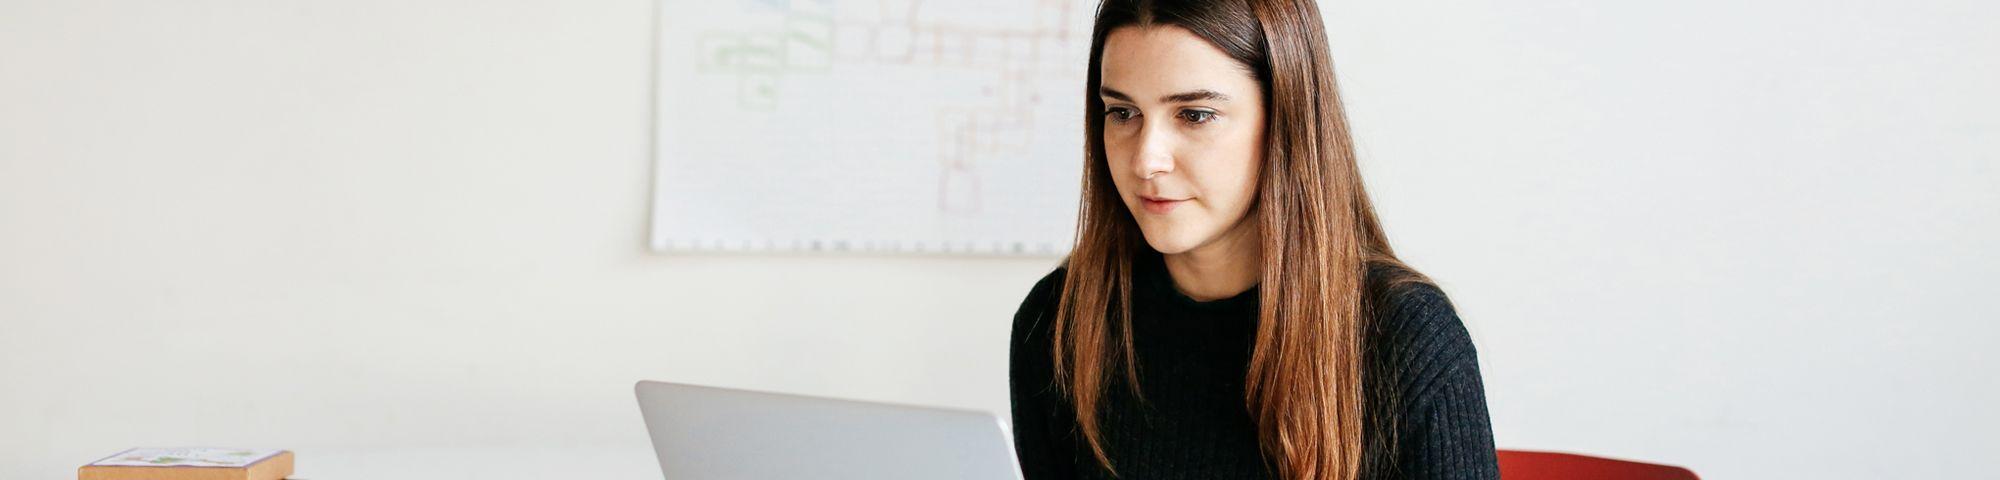 Headshot of student Su Kizilagac